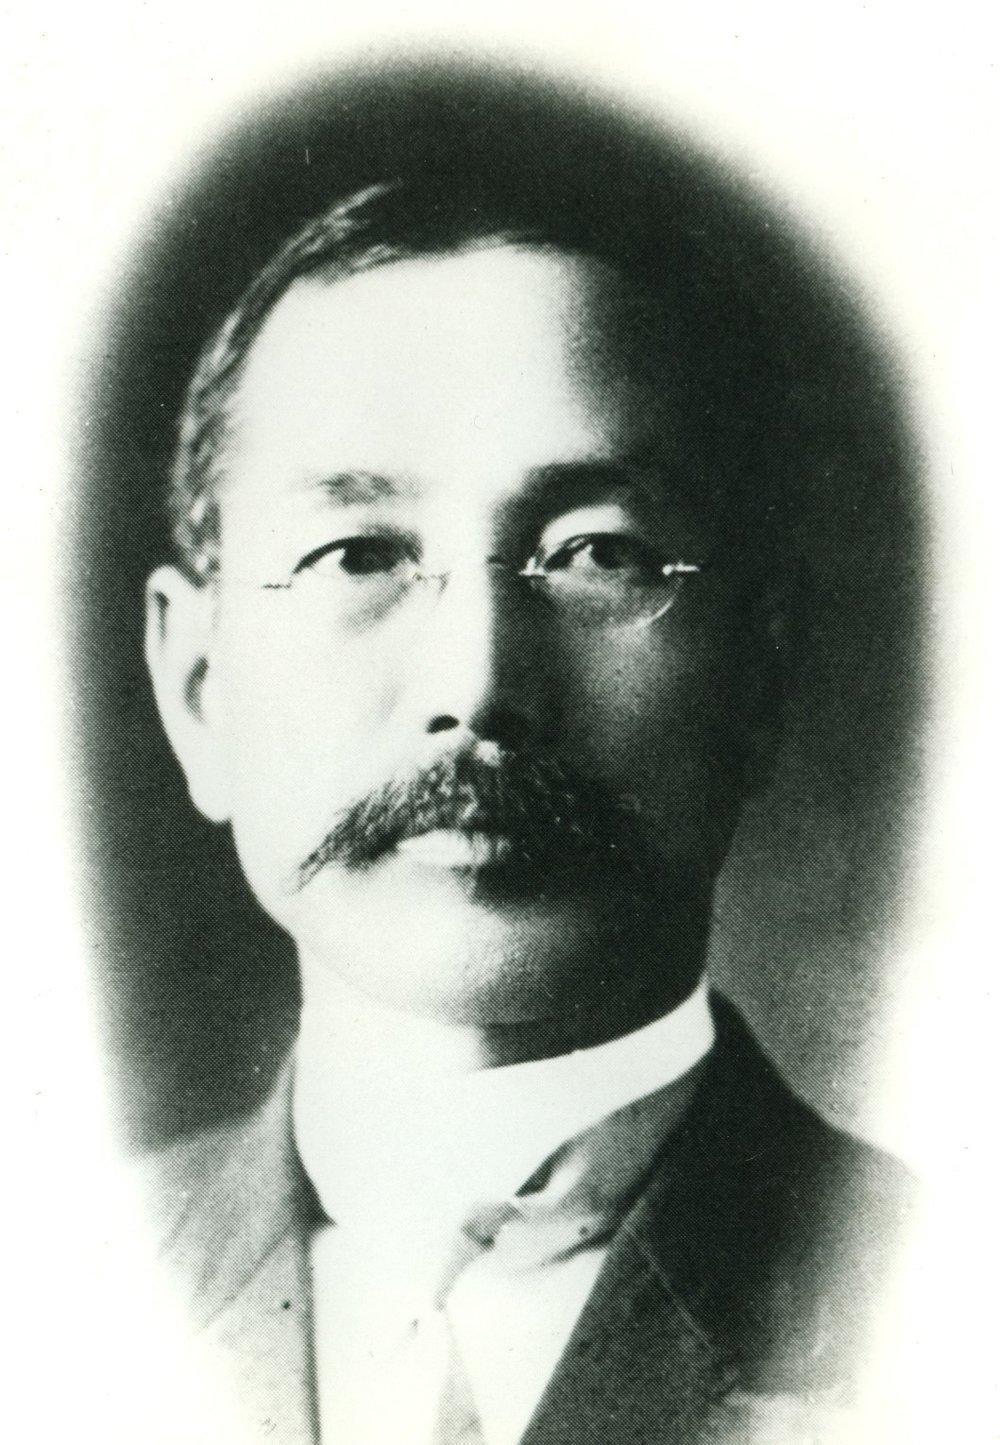 Shiro Sokabe 1916-1940